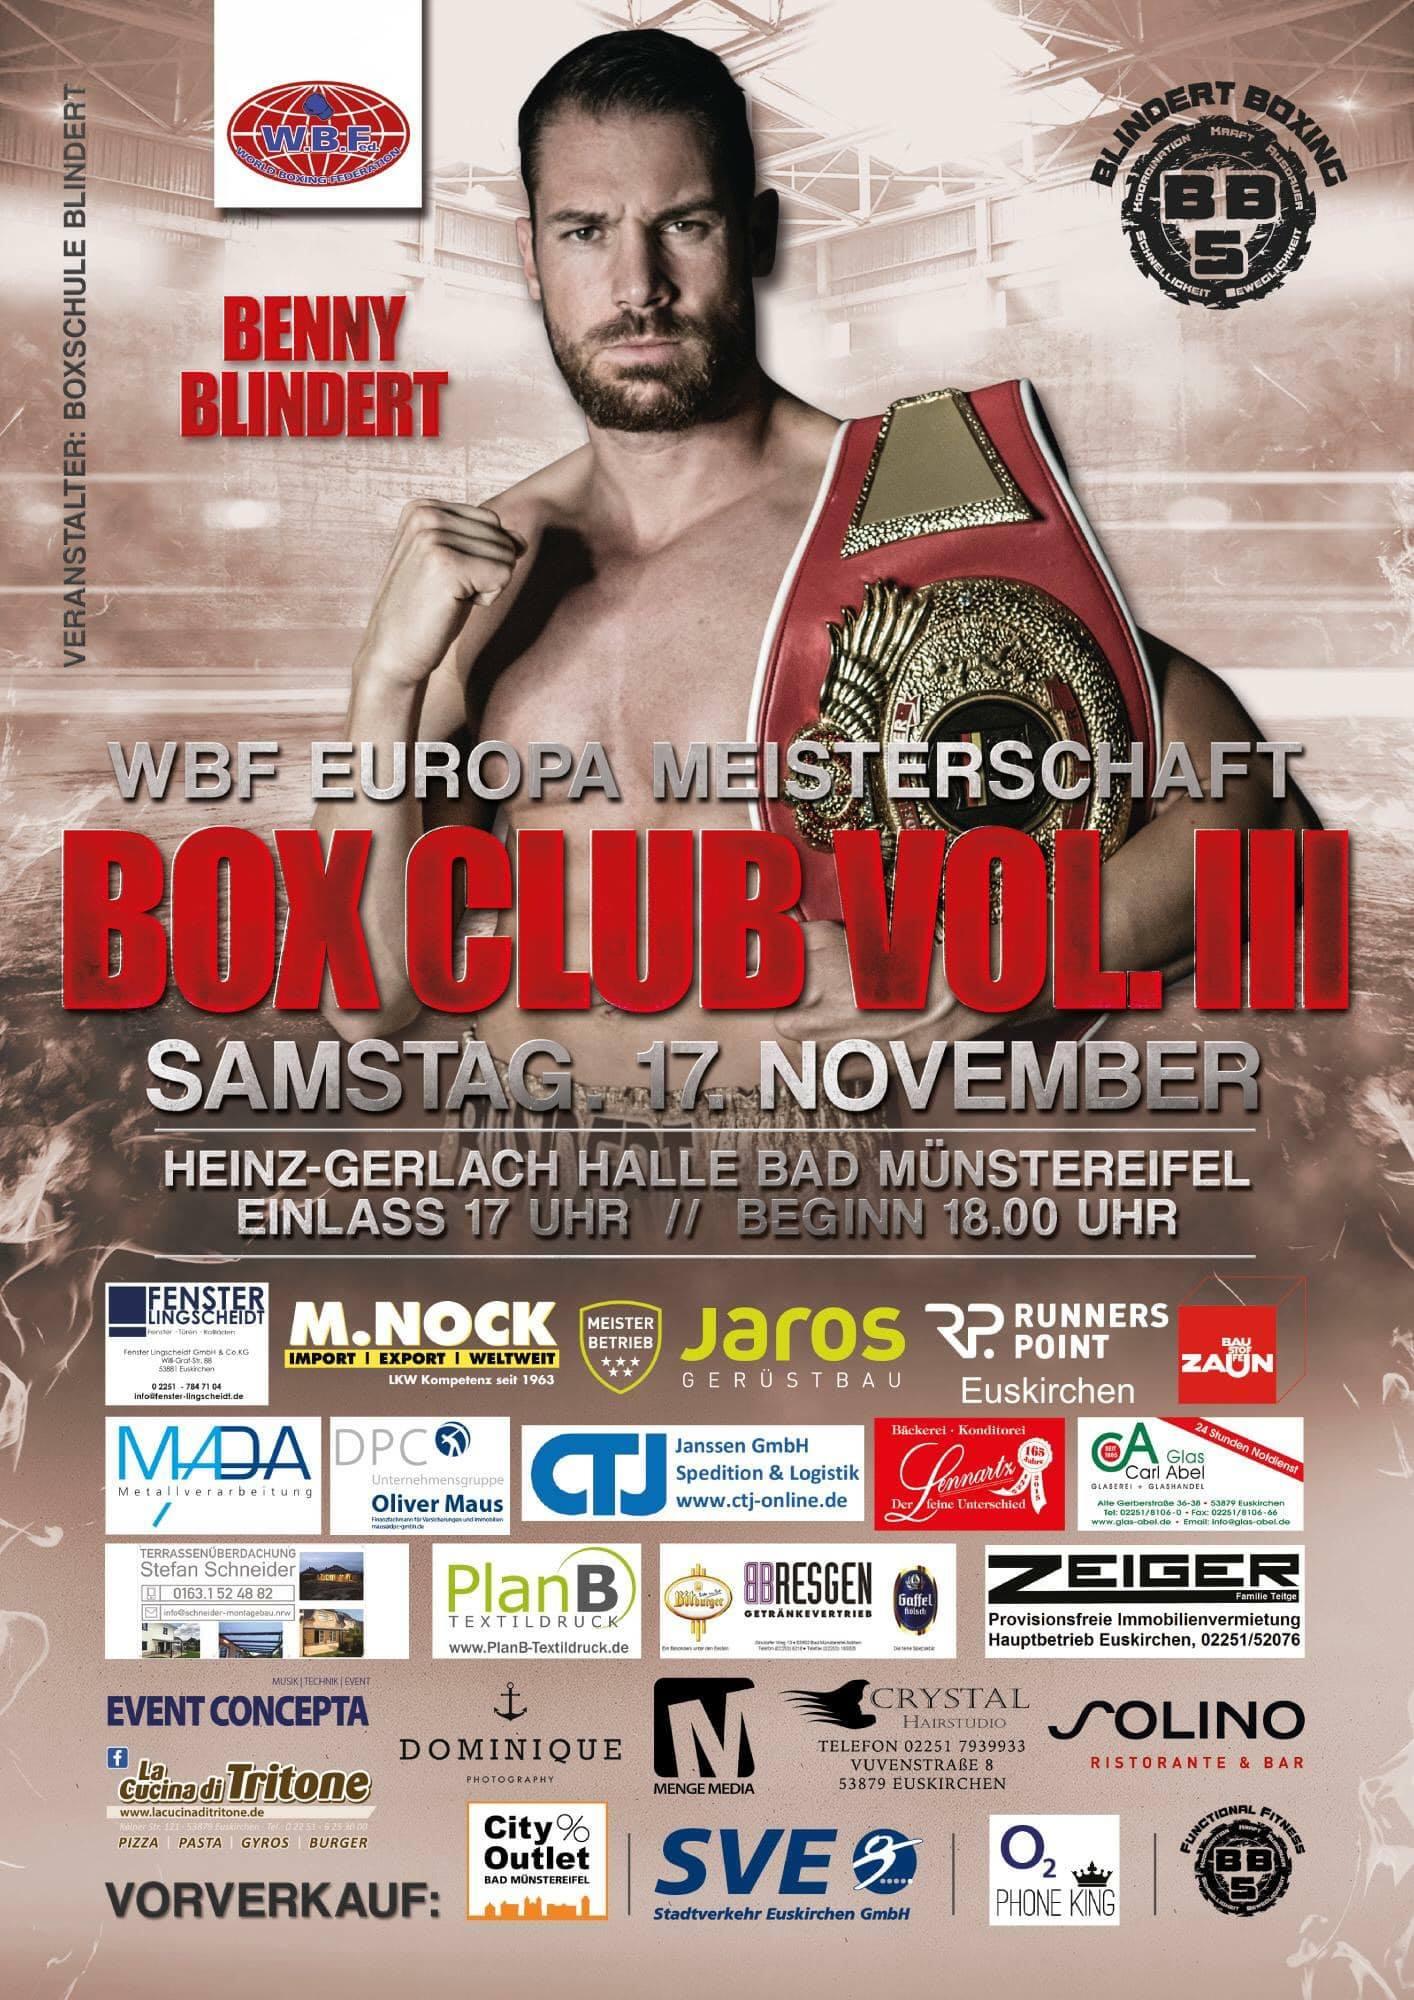 BOX CLUB VOL. III in Bad Münstereifel